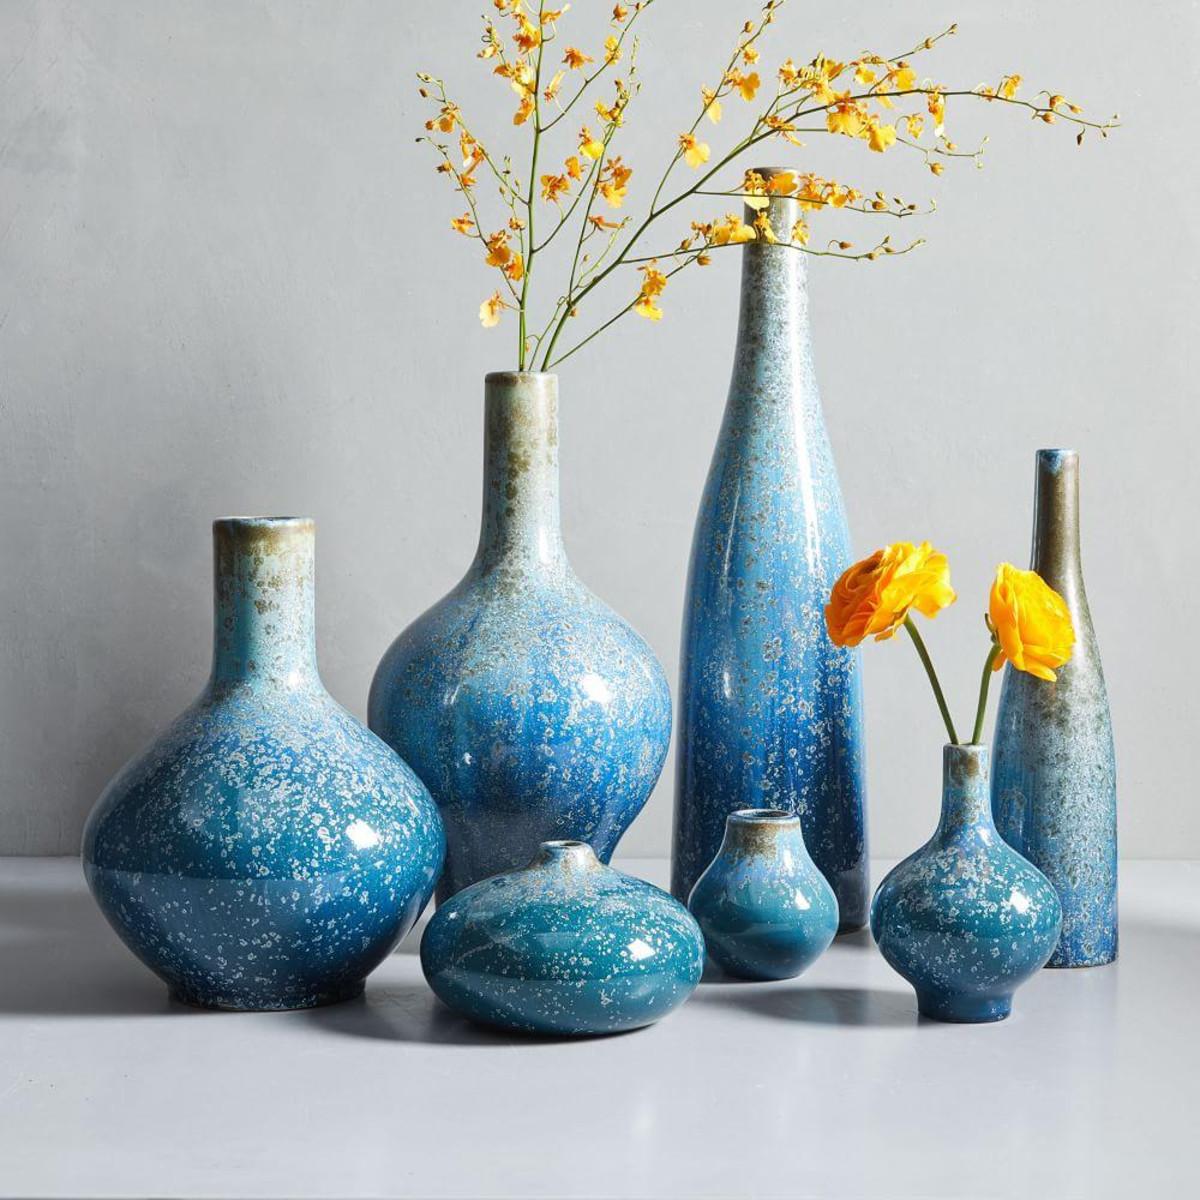 west elm bud vase of reactive glaze vases light blue west elm australia inside reactive glaze vases light blue